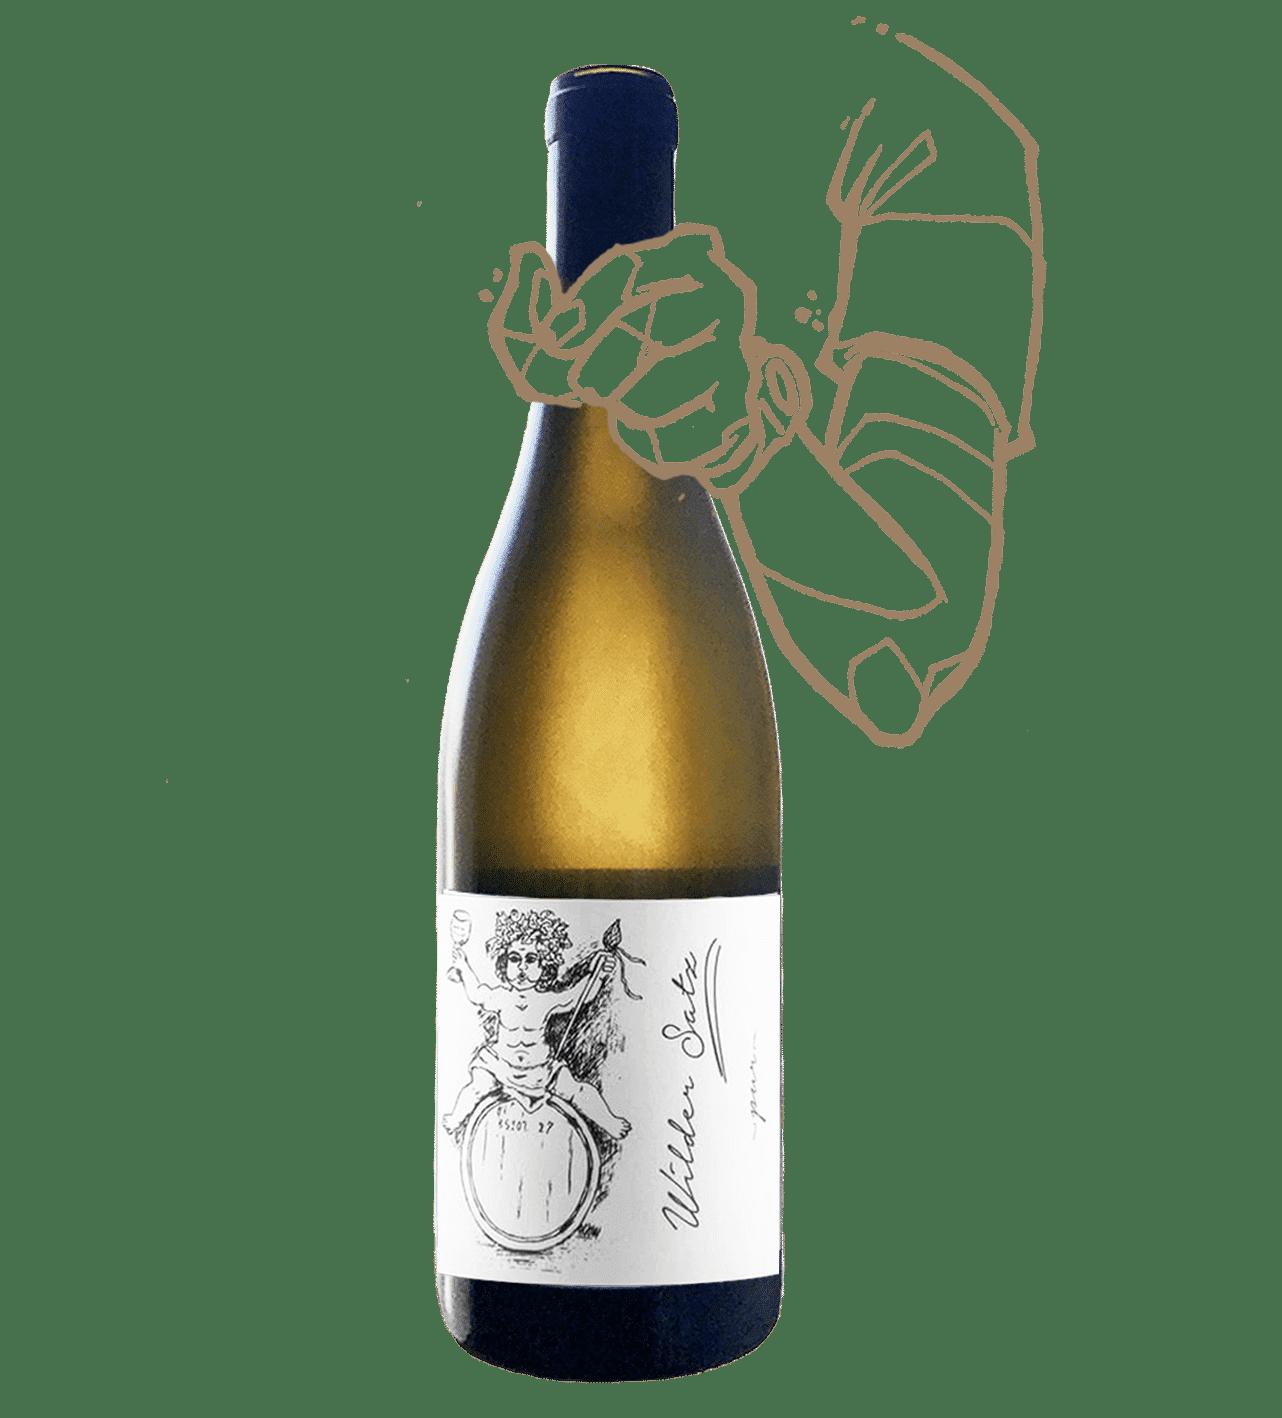 wilder satz est un vin naturel blanc sans sulfite ajouté fait par brand bross